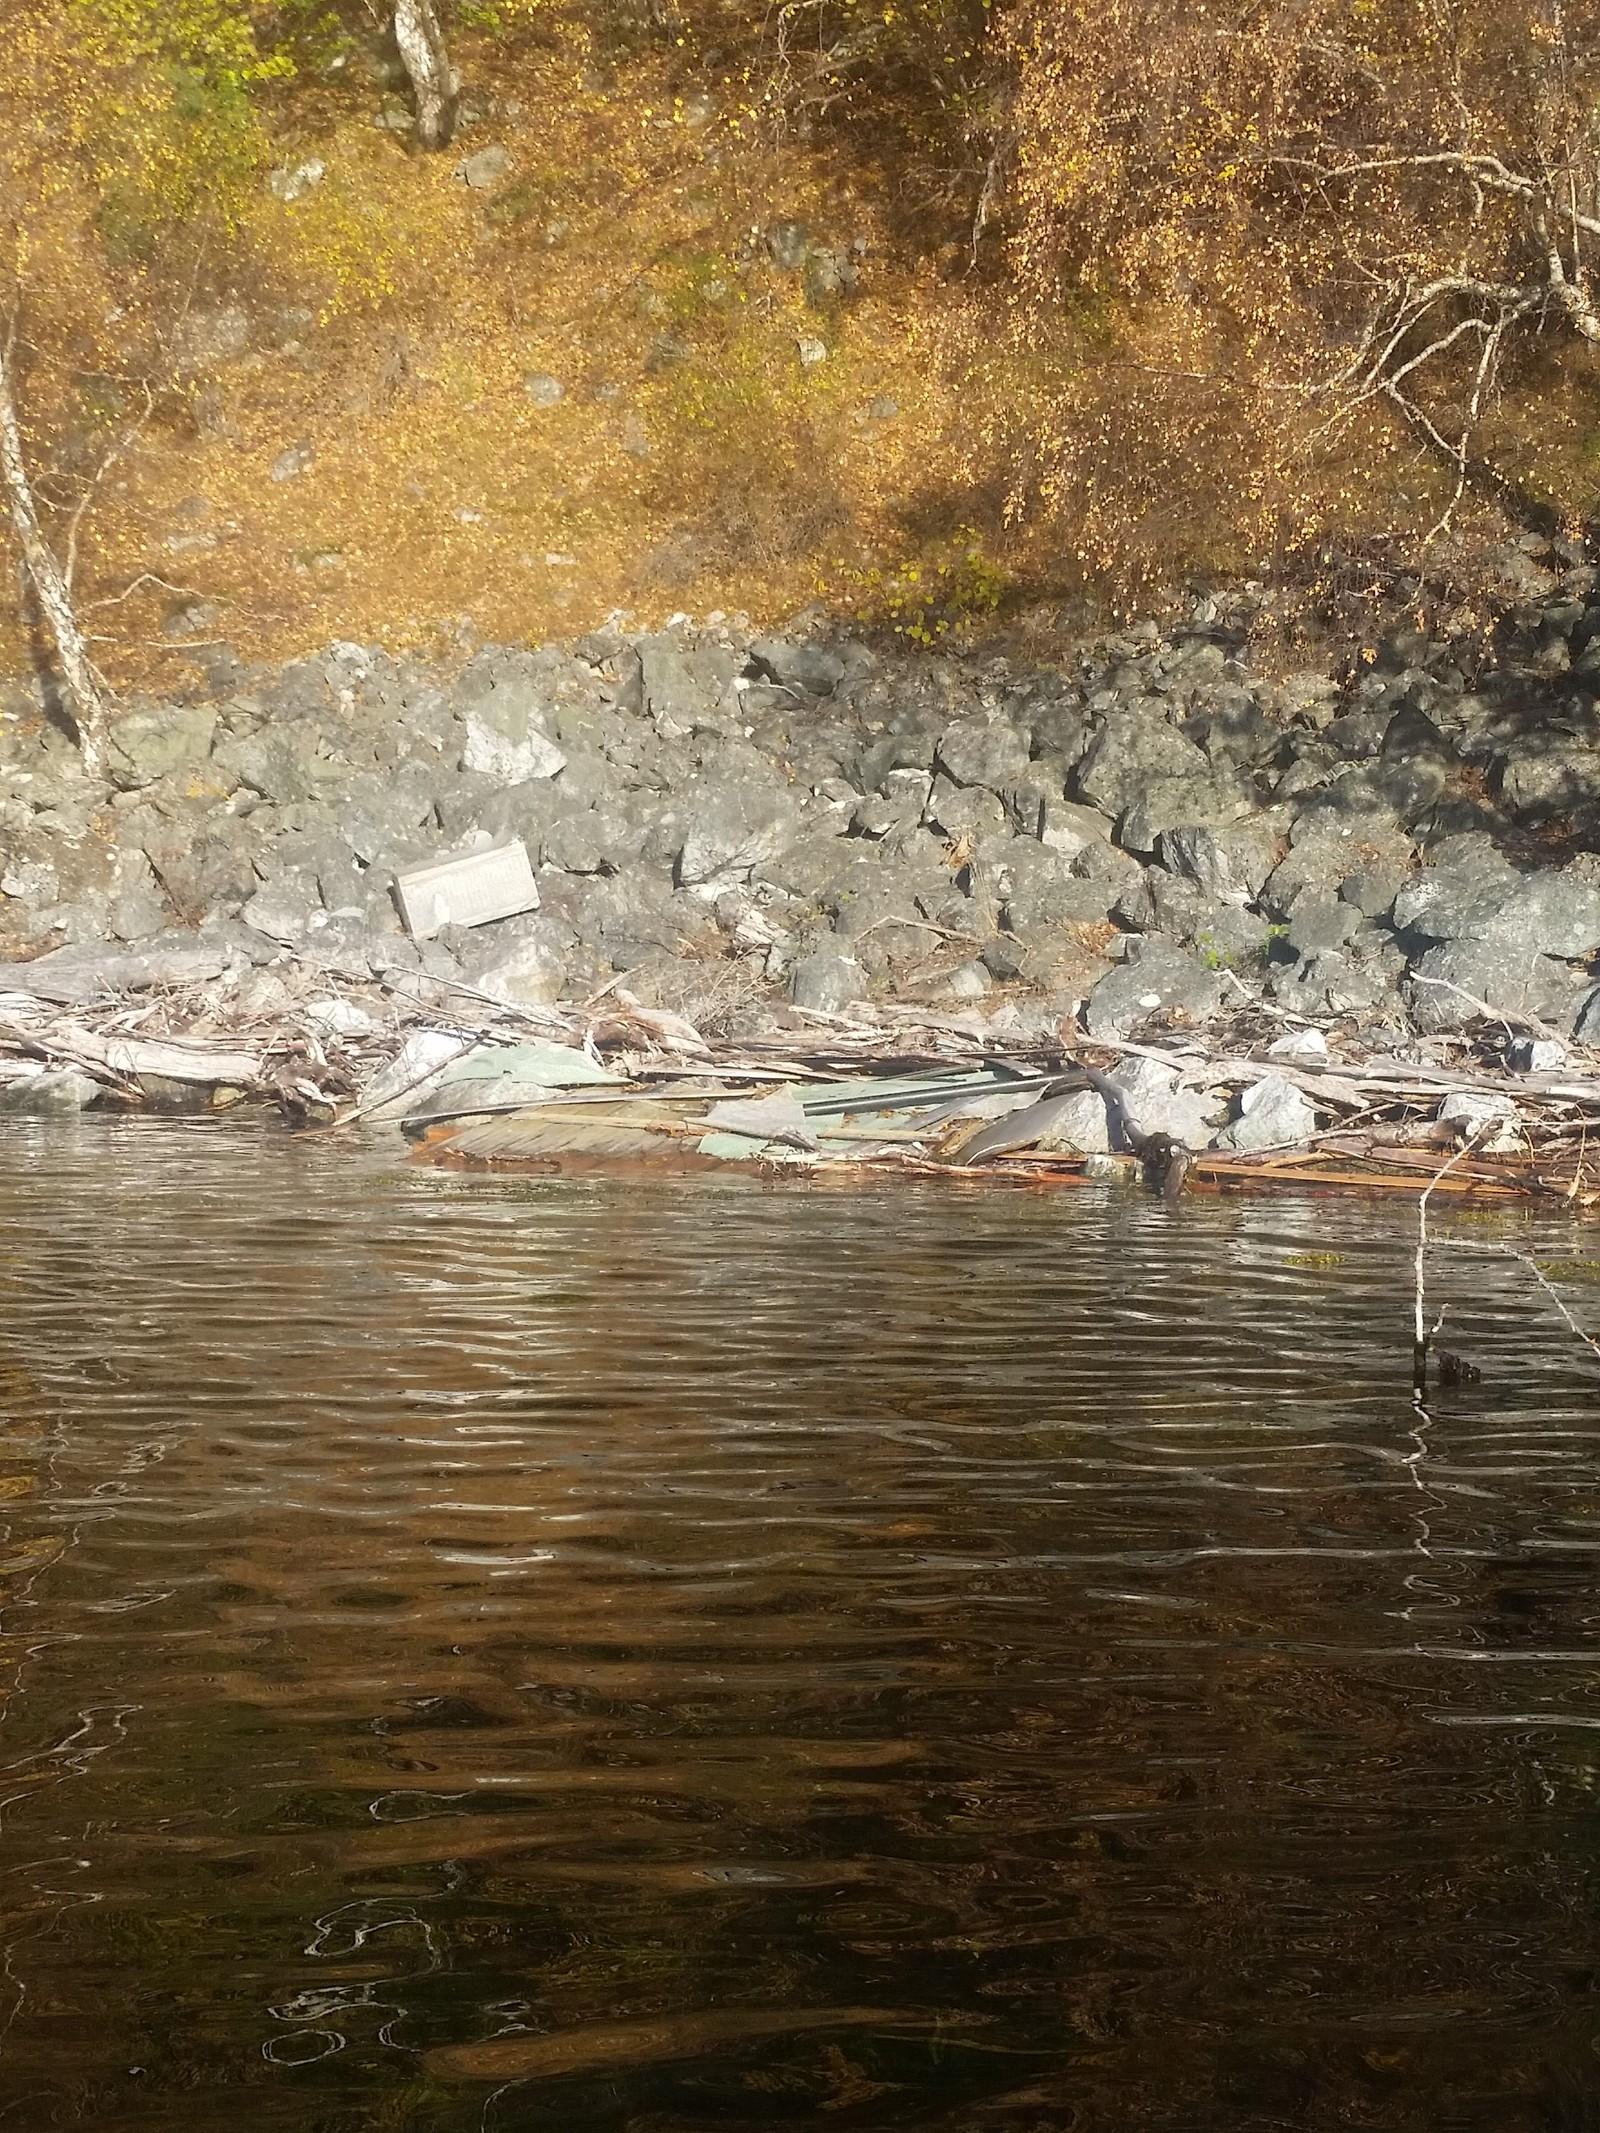 AVFALL: Flåm Guidservice finn mykje skrot langs Aurlandsfjorden. - Det utgjer ein stor fare når det kjem på driv. Her køyrer skulebåten i mørkre og då er det ikkje godt å sjå kva som ligg i fjorden, seier Thomas Rastad.